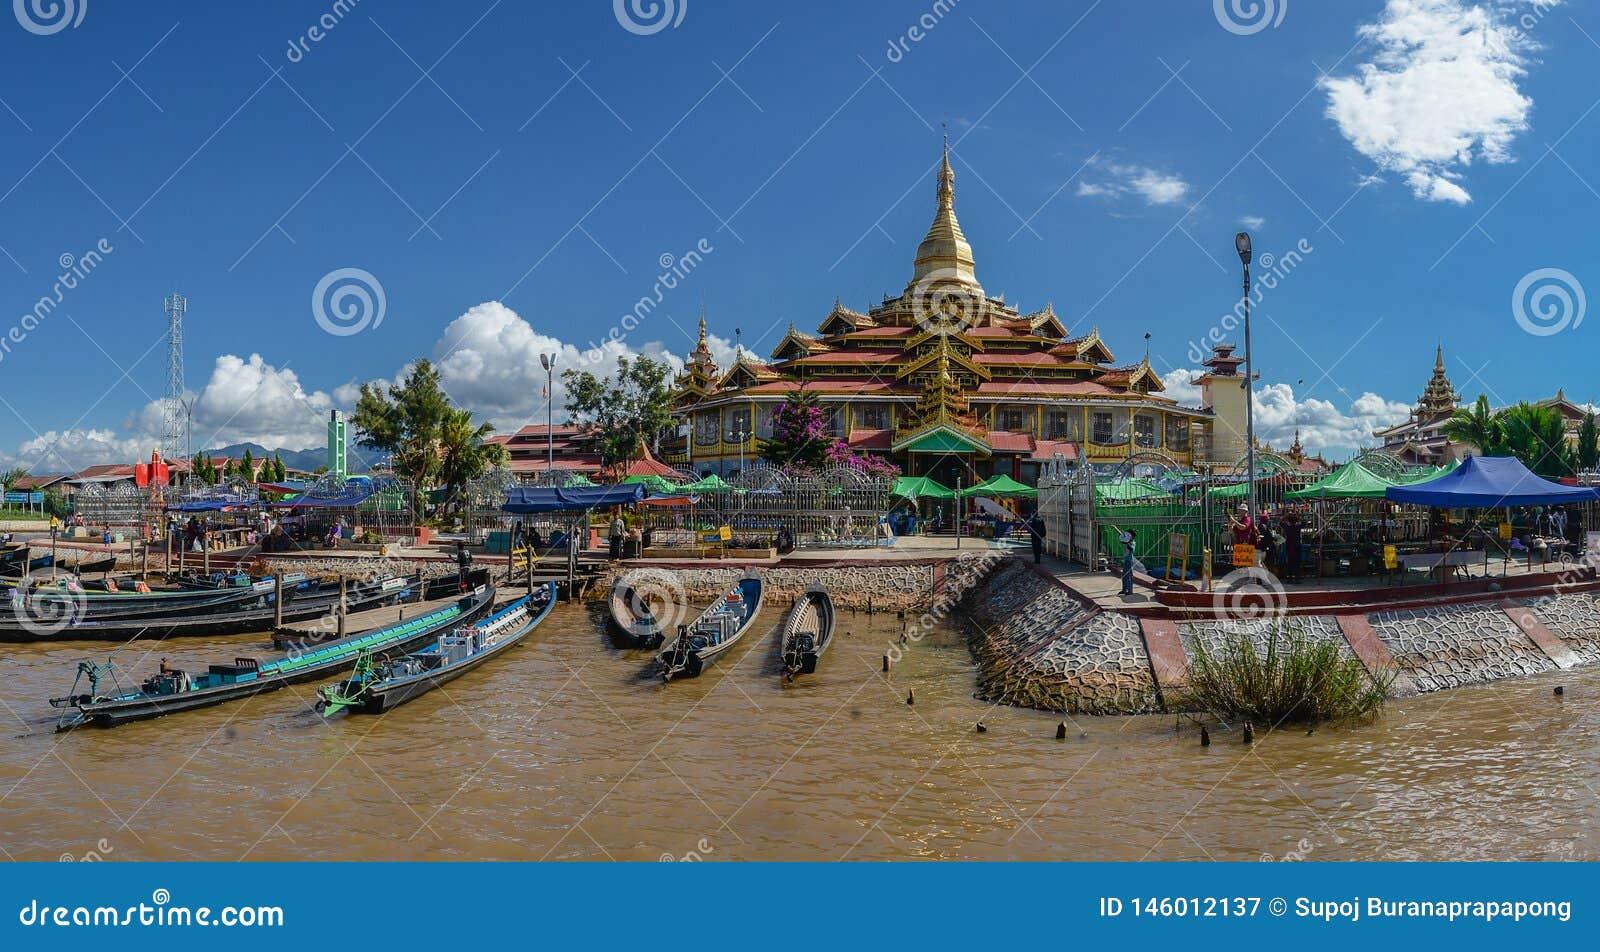 De Pagode van Phaungdaw Oo is Klooster op het Intha-dorp, Inle-meer, Shan-staat, Myanmar